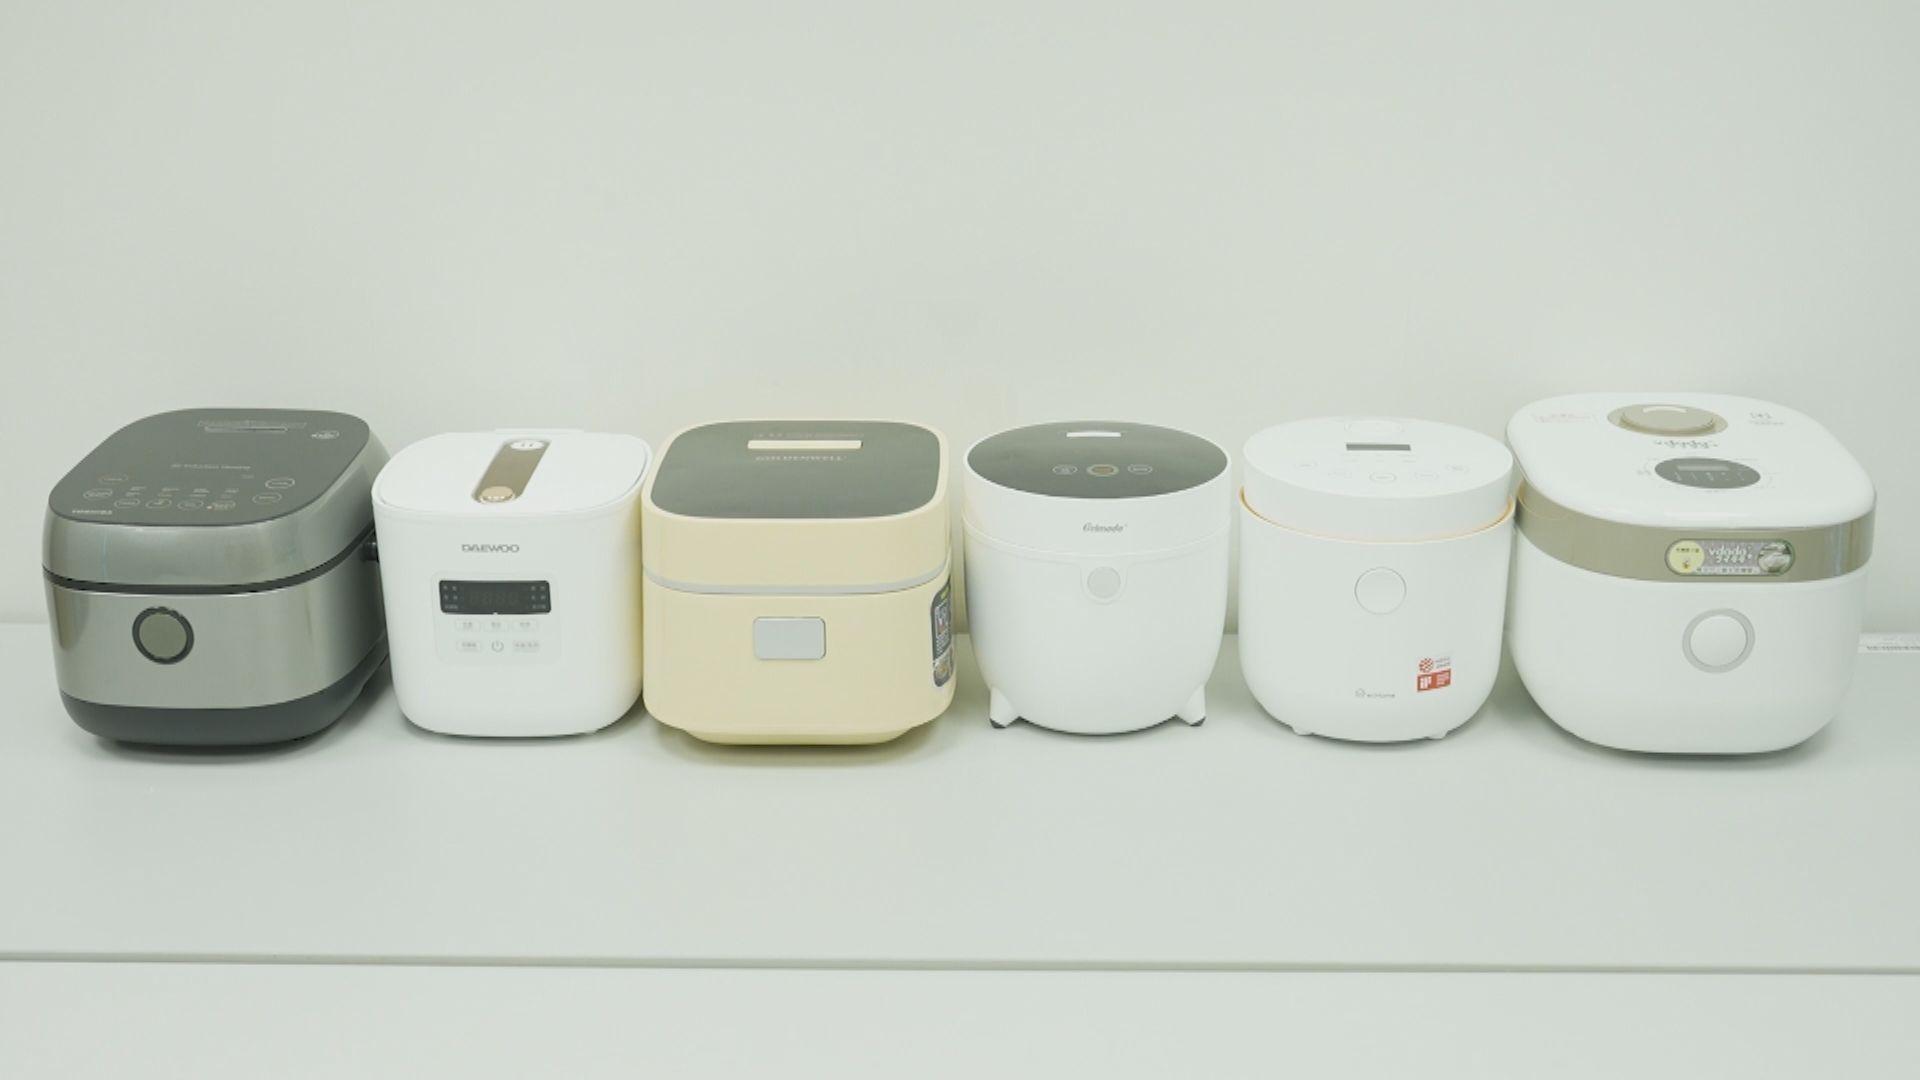 減醣電飯煲表現參差 有樣本醣含量較正常米飯高